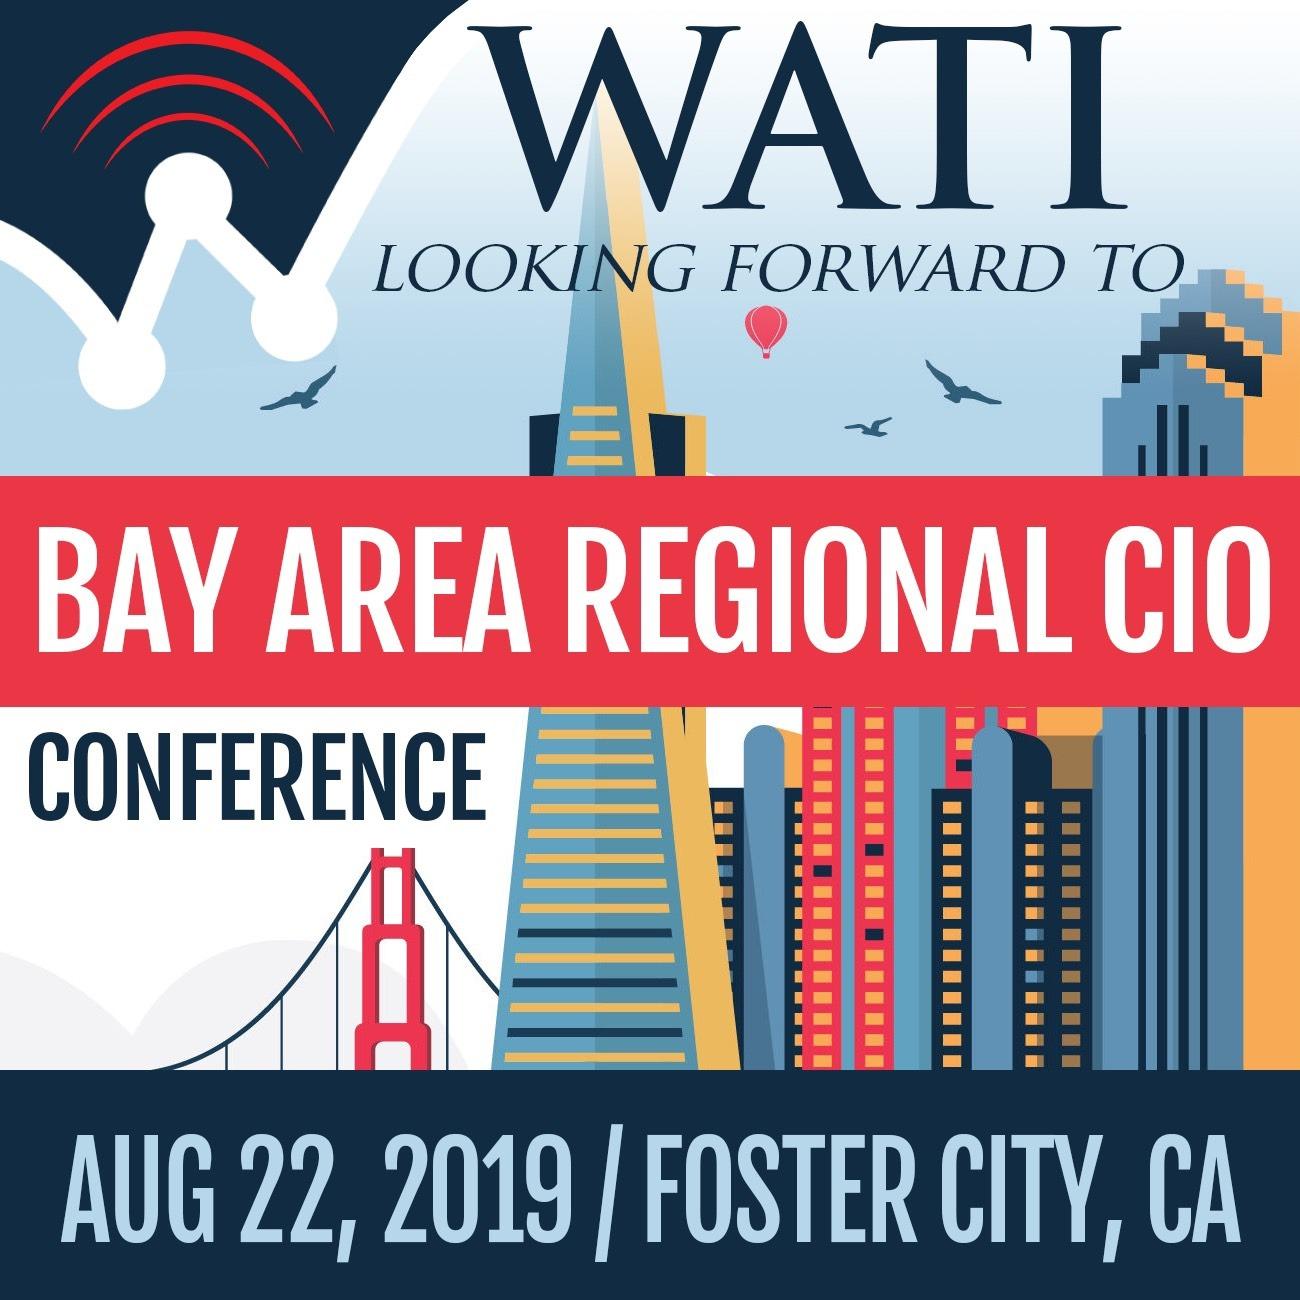 Bay Area Regional CIO Conference